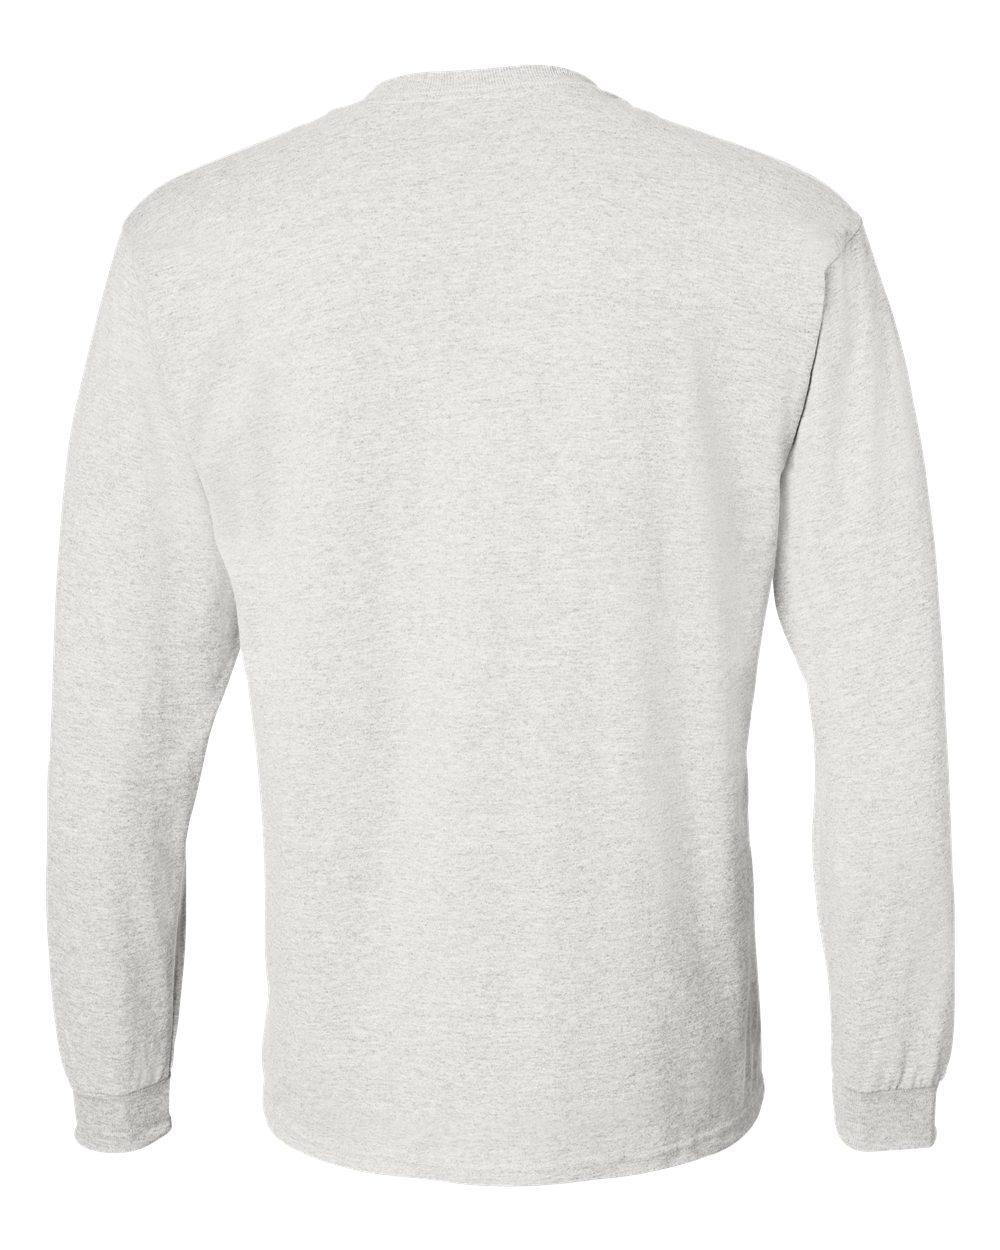 Gildan-Mens-Blank-DryBlend-50-50-Cotton-Long-Sleeve-T-Shirt-8400-up-to-3XL miniature 7